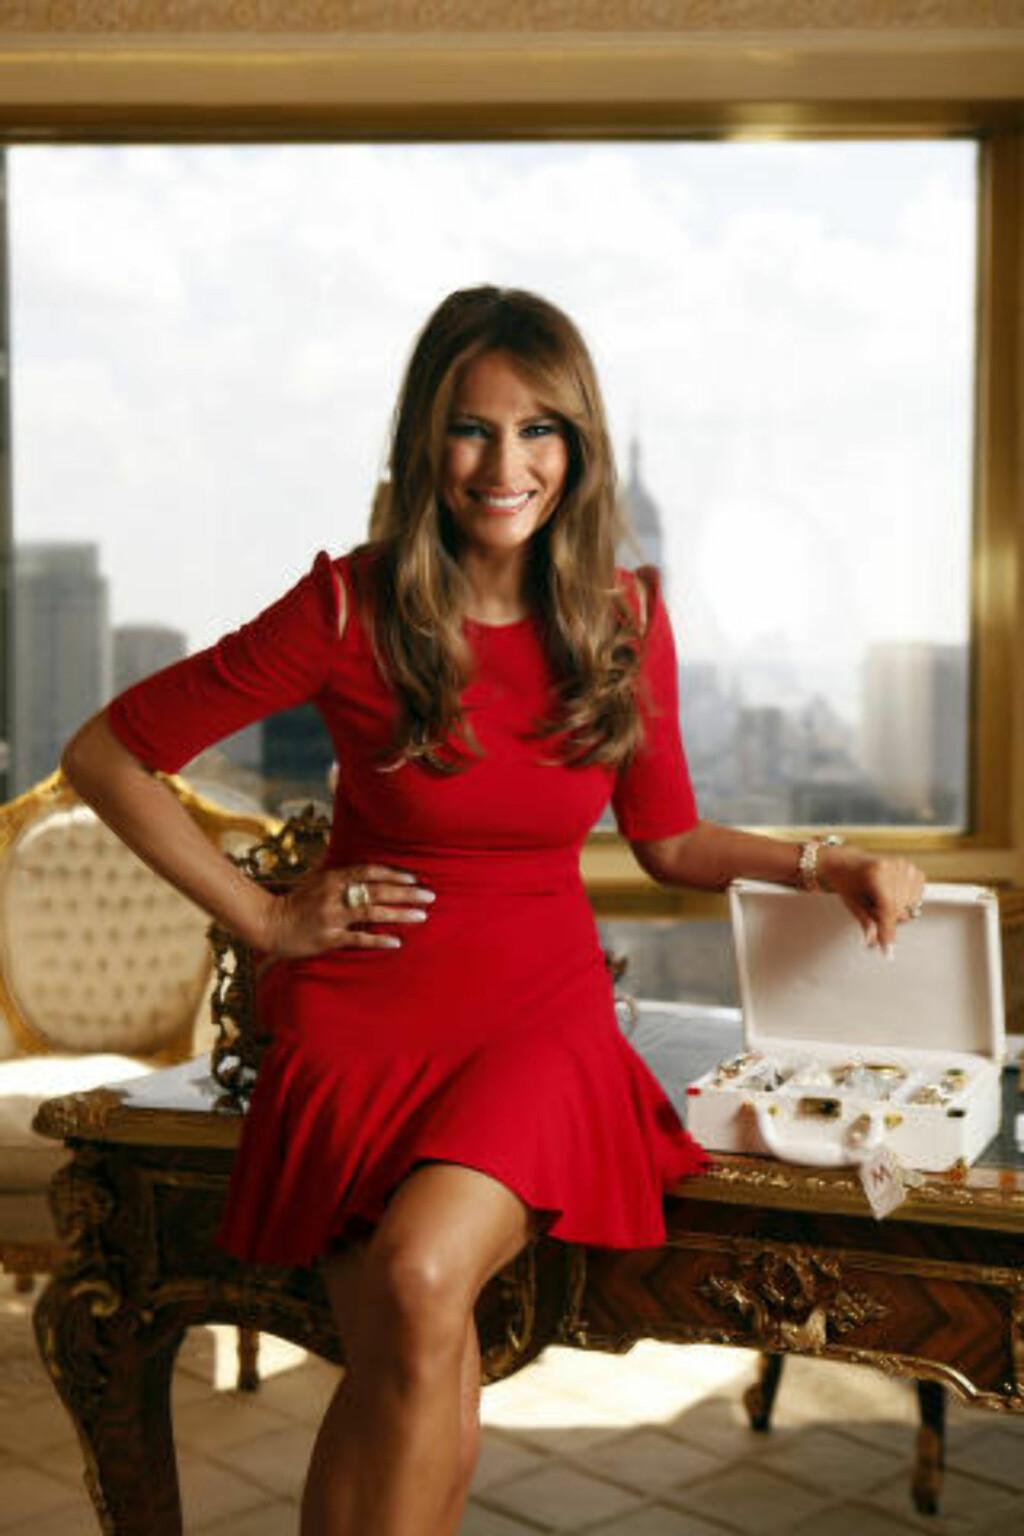 FORRETNINGSKVINNE: Melania Trump er tidligere modell. Her er hun fotografert i forbindelse med at hun lanserte en smykkekolleksjon i 2010. Foto: NTB Scanpix